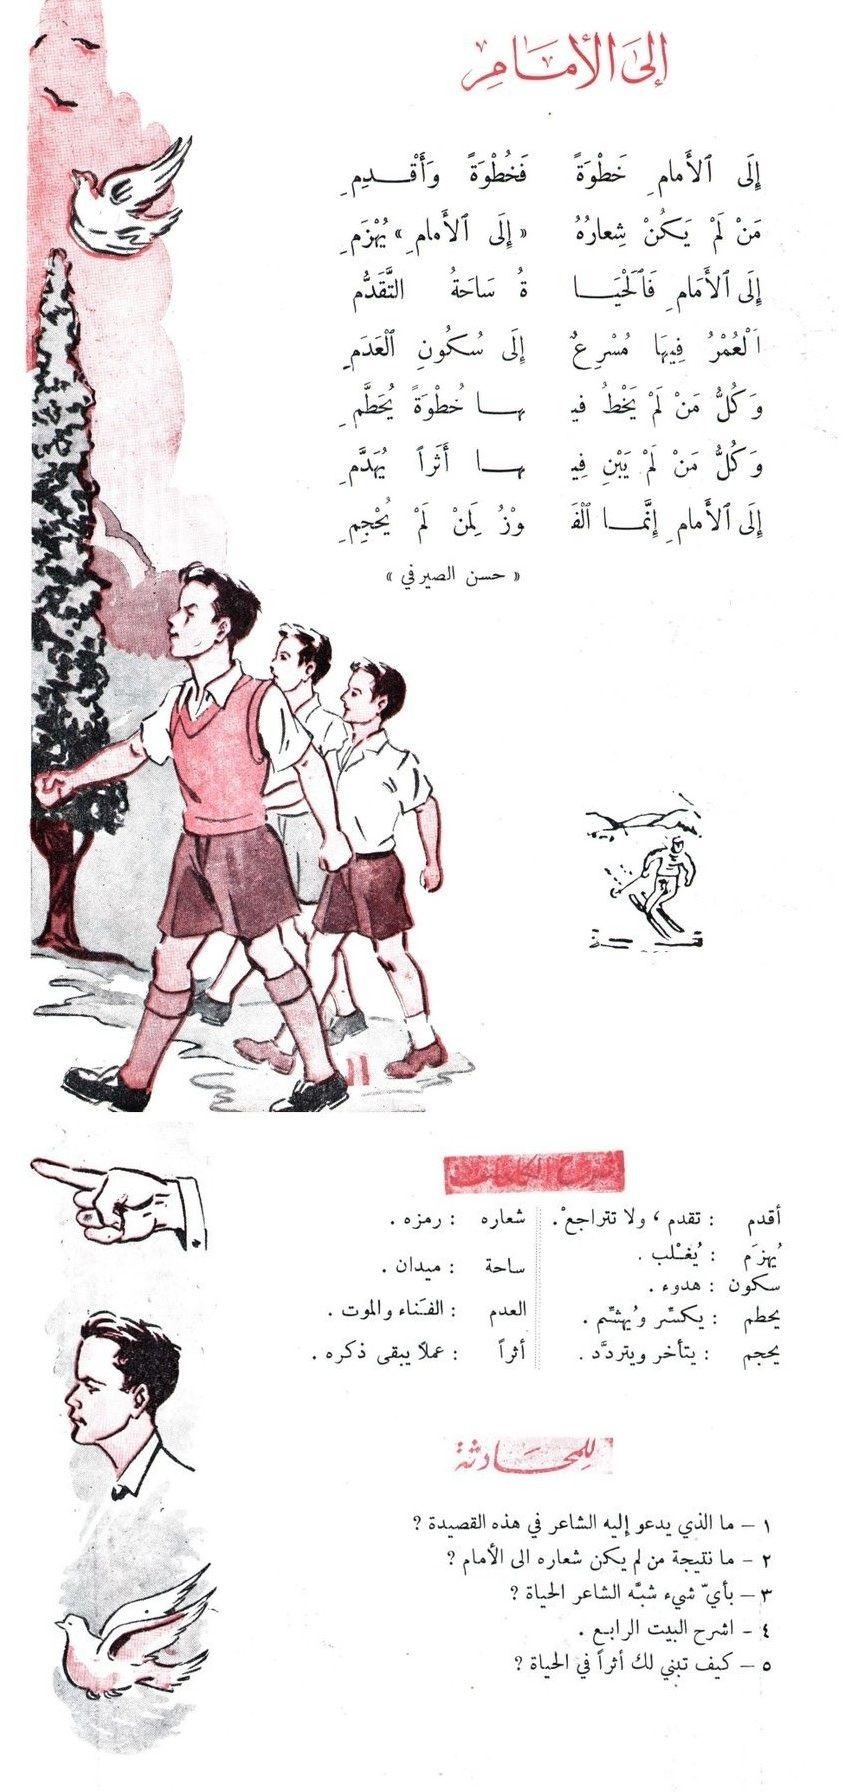 من المحفوظات المصورة شمعة تواكب الأجيال و لا تخبو Learning Arabic Homeschool Reading